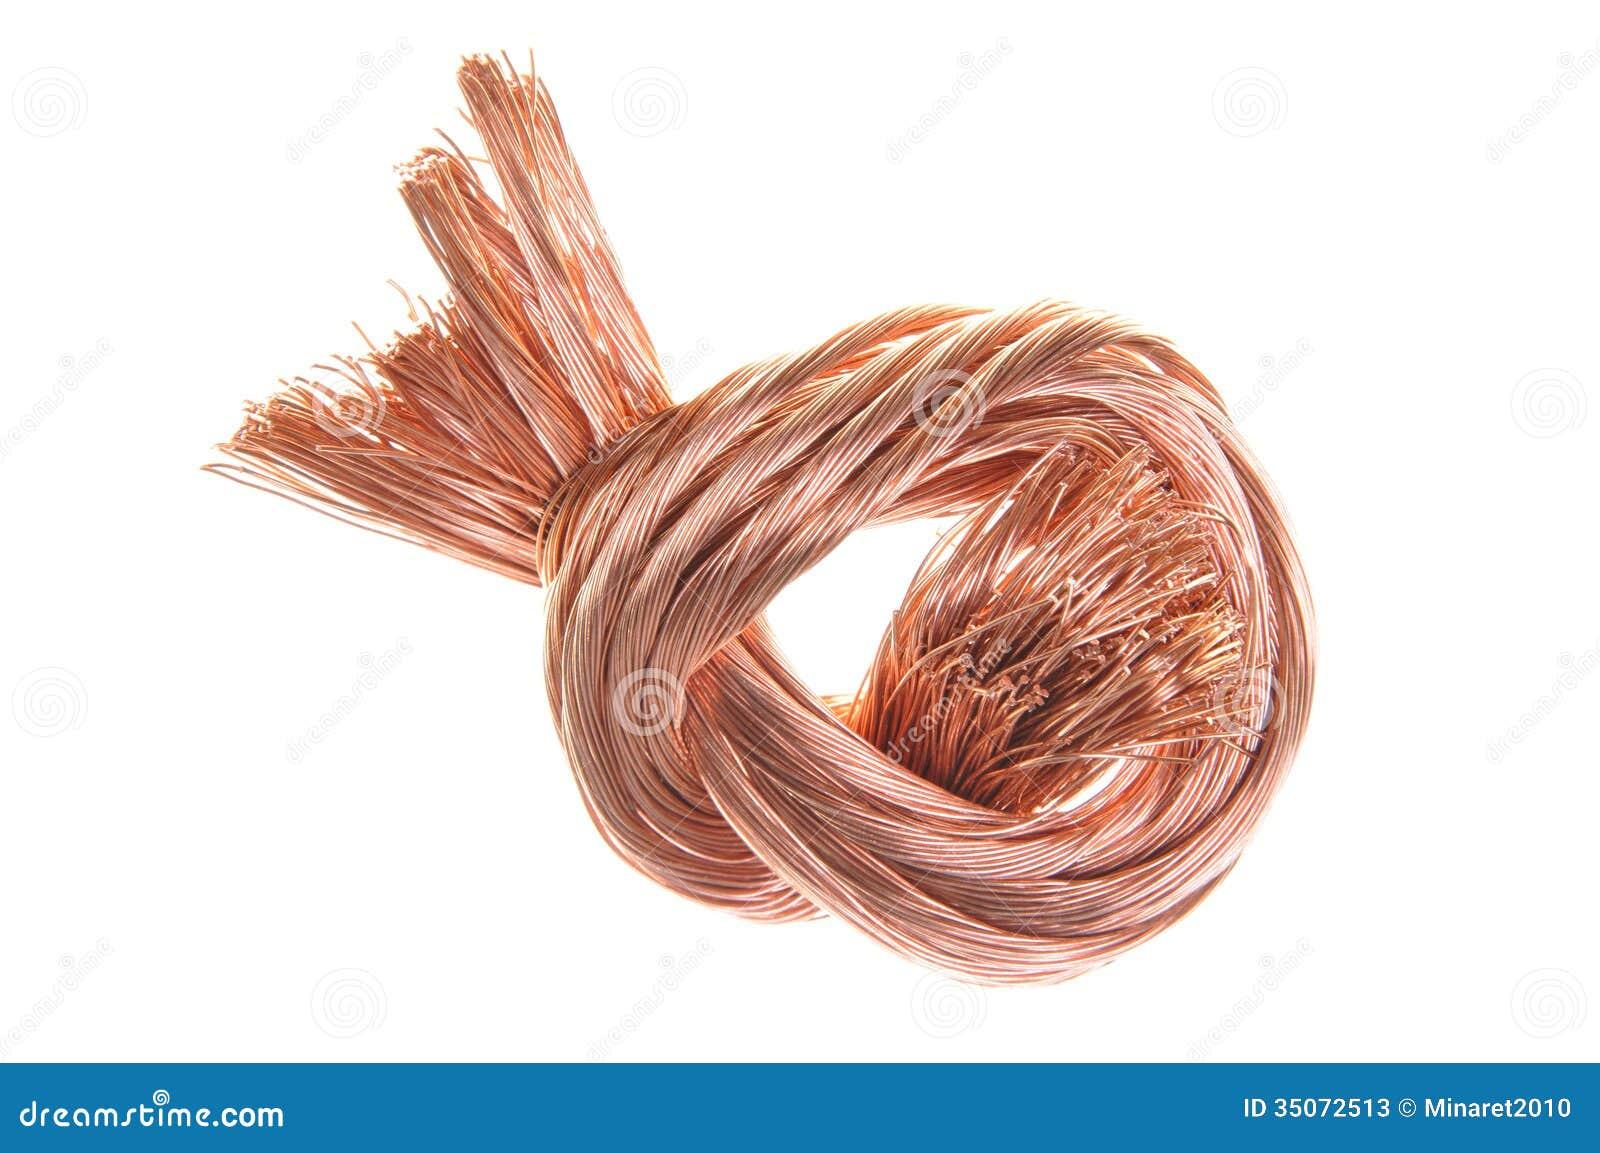 Alambre de cobre del pedazo fotos de archivo imagen - Alambre de cobre ...